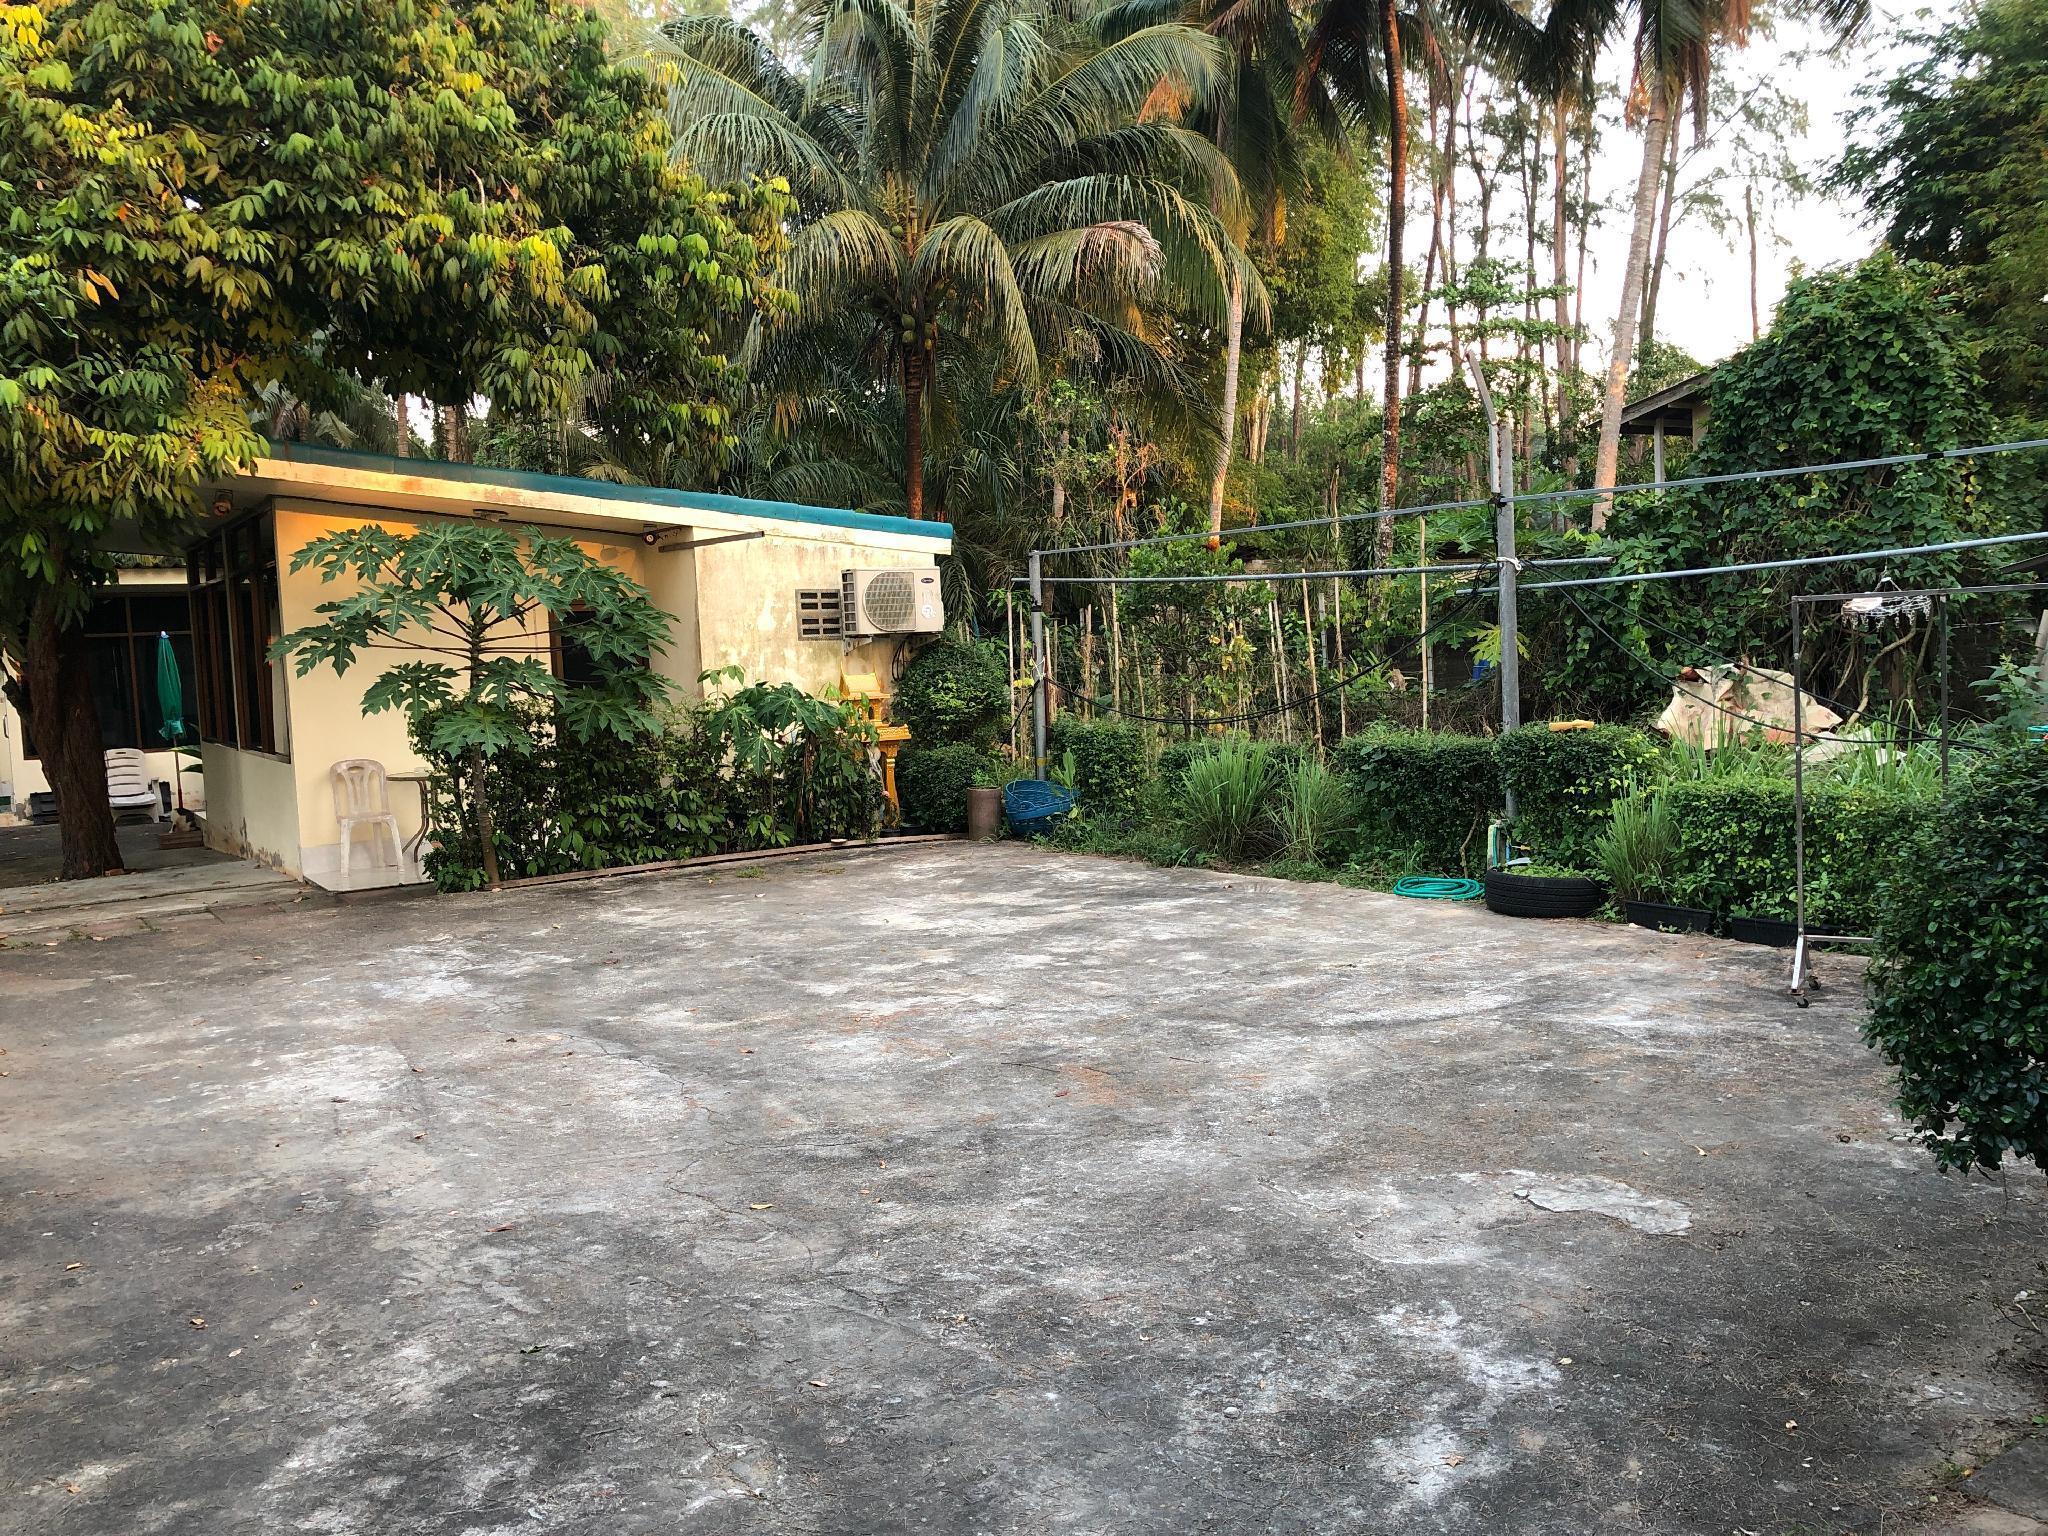 Sea coffee and room บังกะโล 1 ห้องนอน 1 ห้องน้ำส่วนตัว ขนาด 20 ตร.ม. – หาดปากเมง